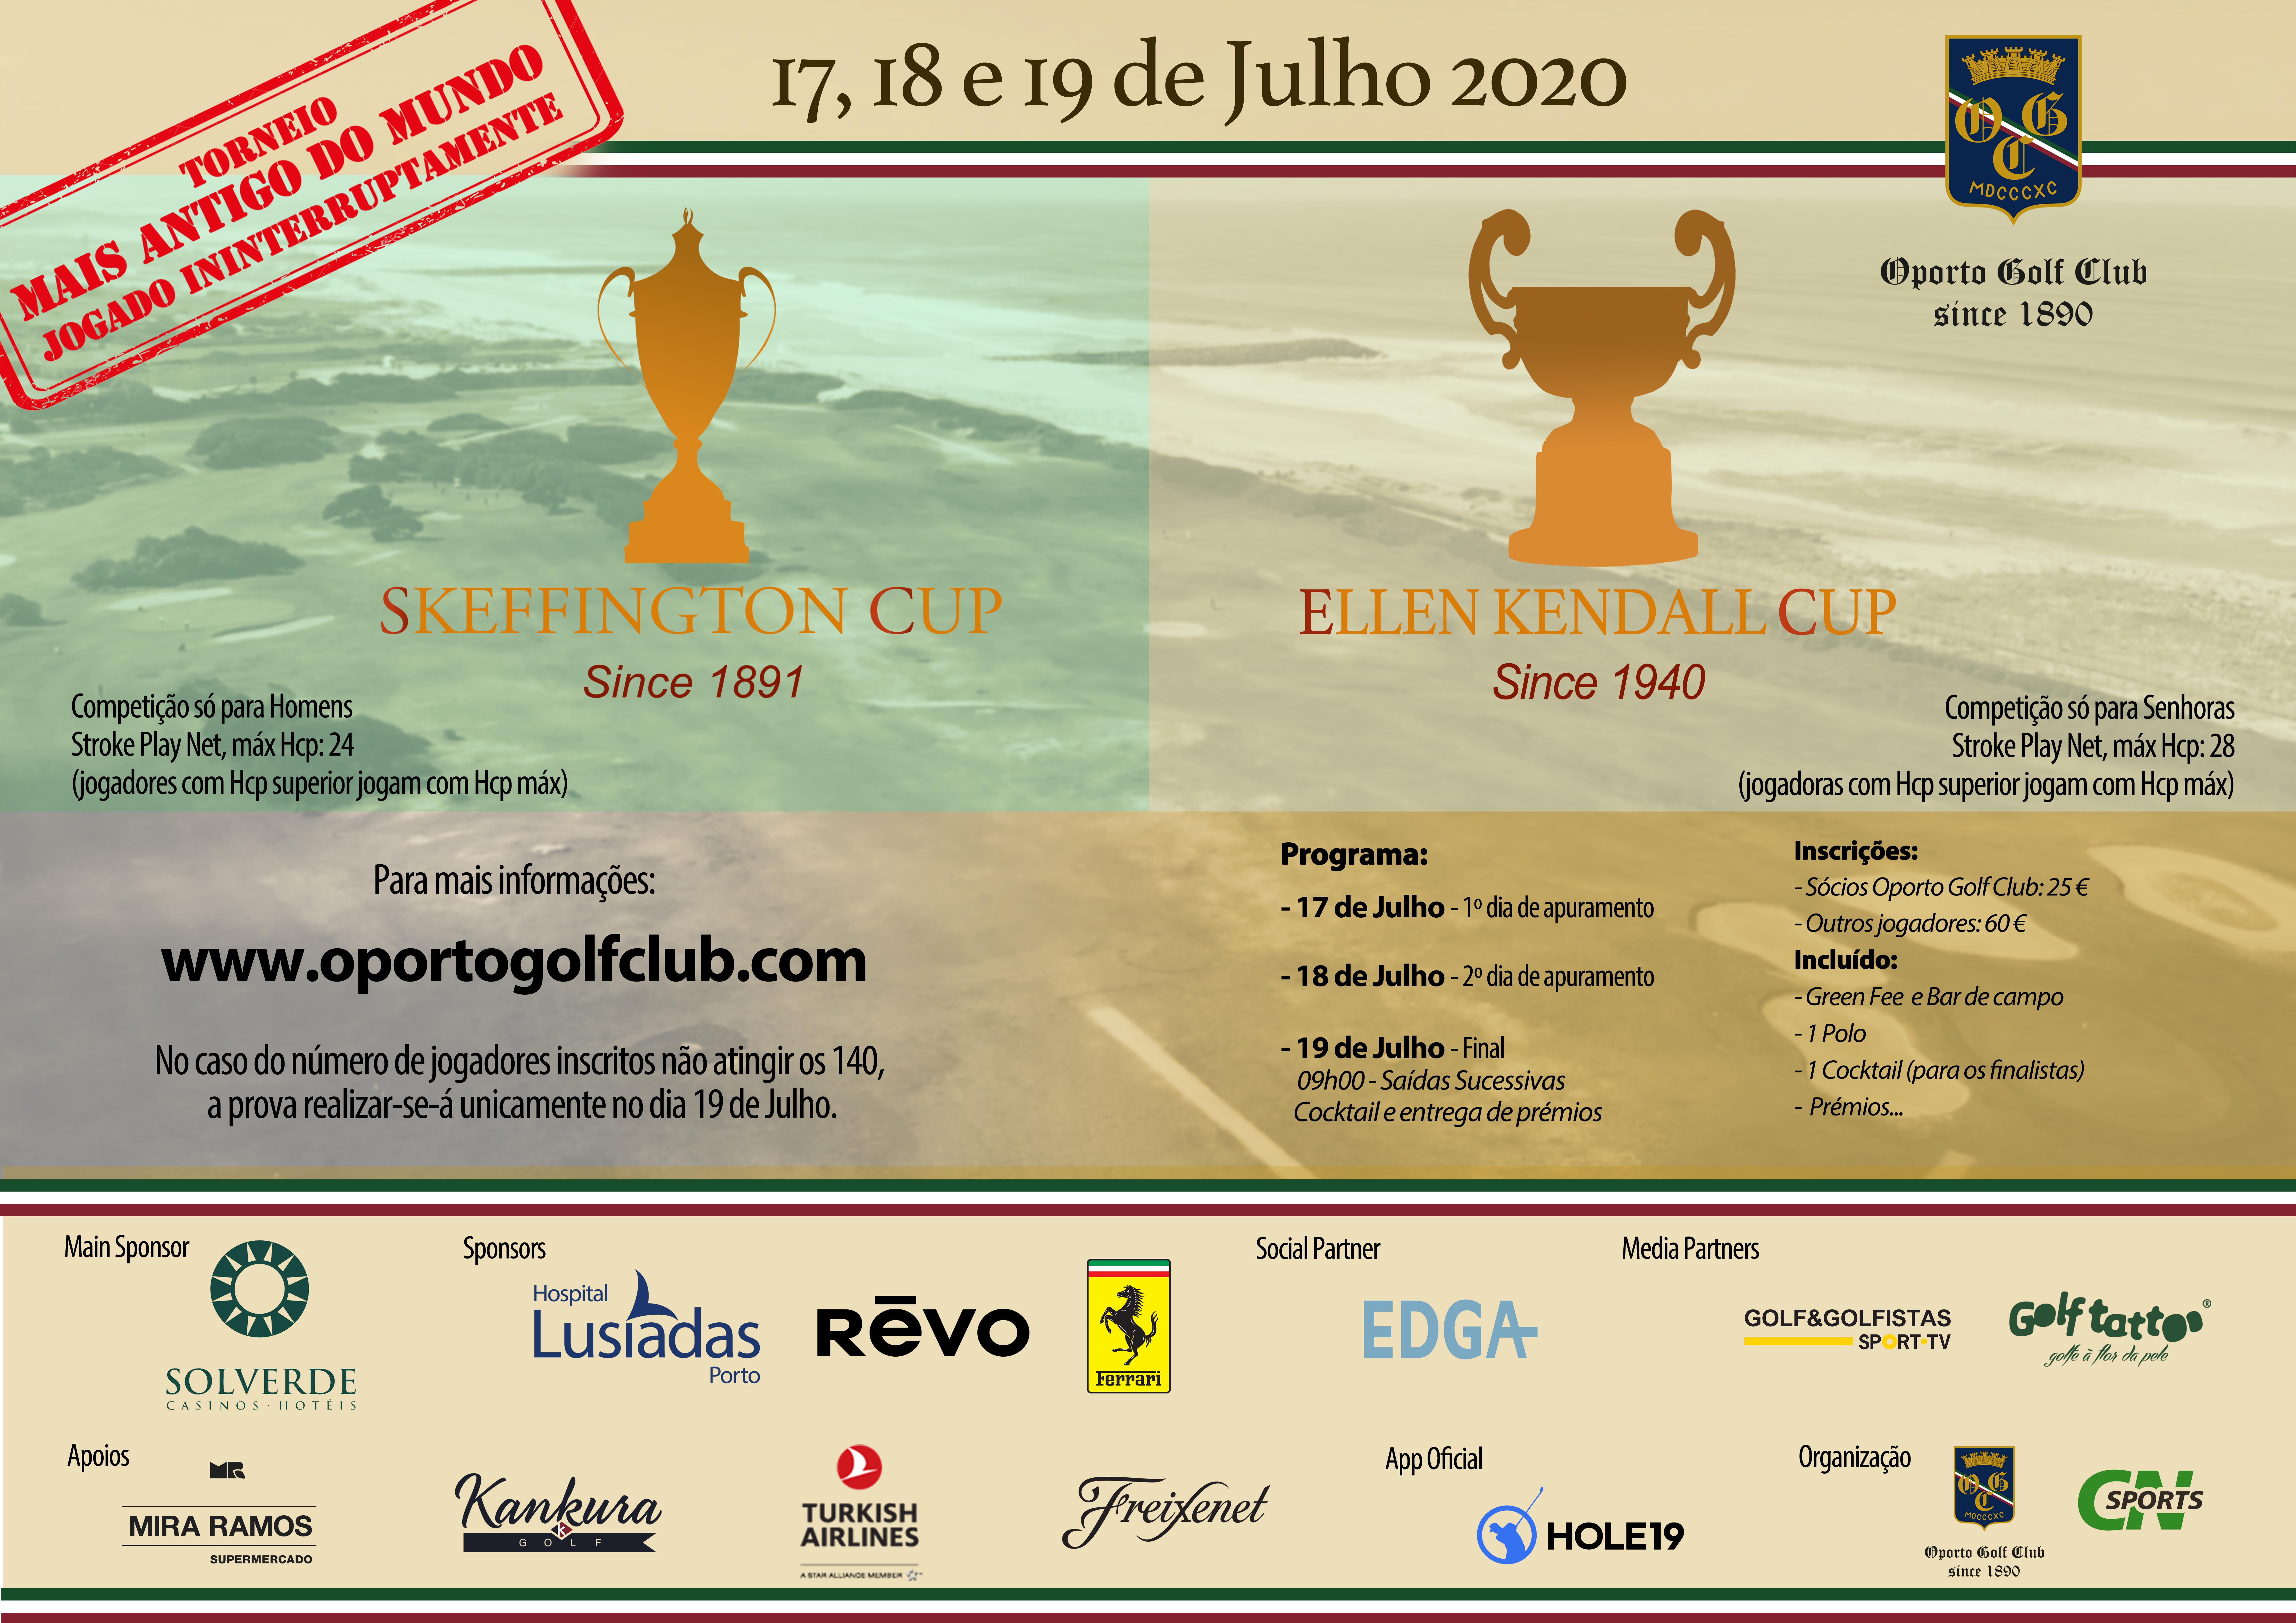 alt:[Informação: Skeffington Cup e Ellen Kendall Cup]